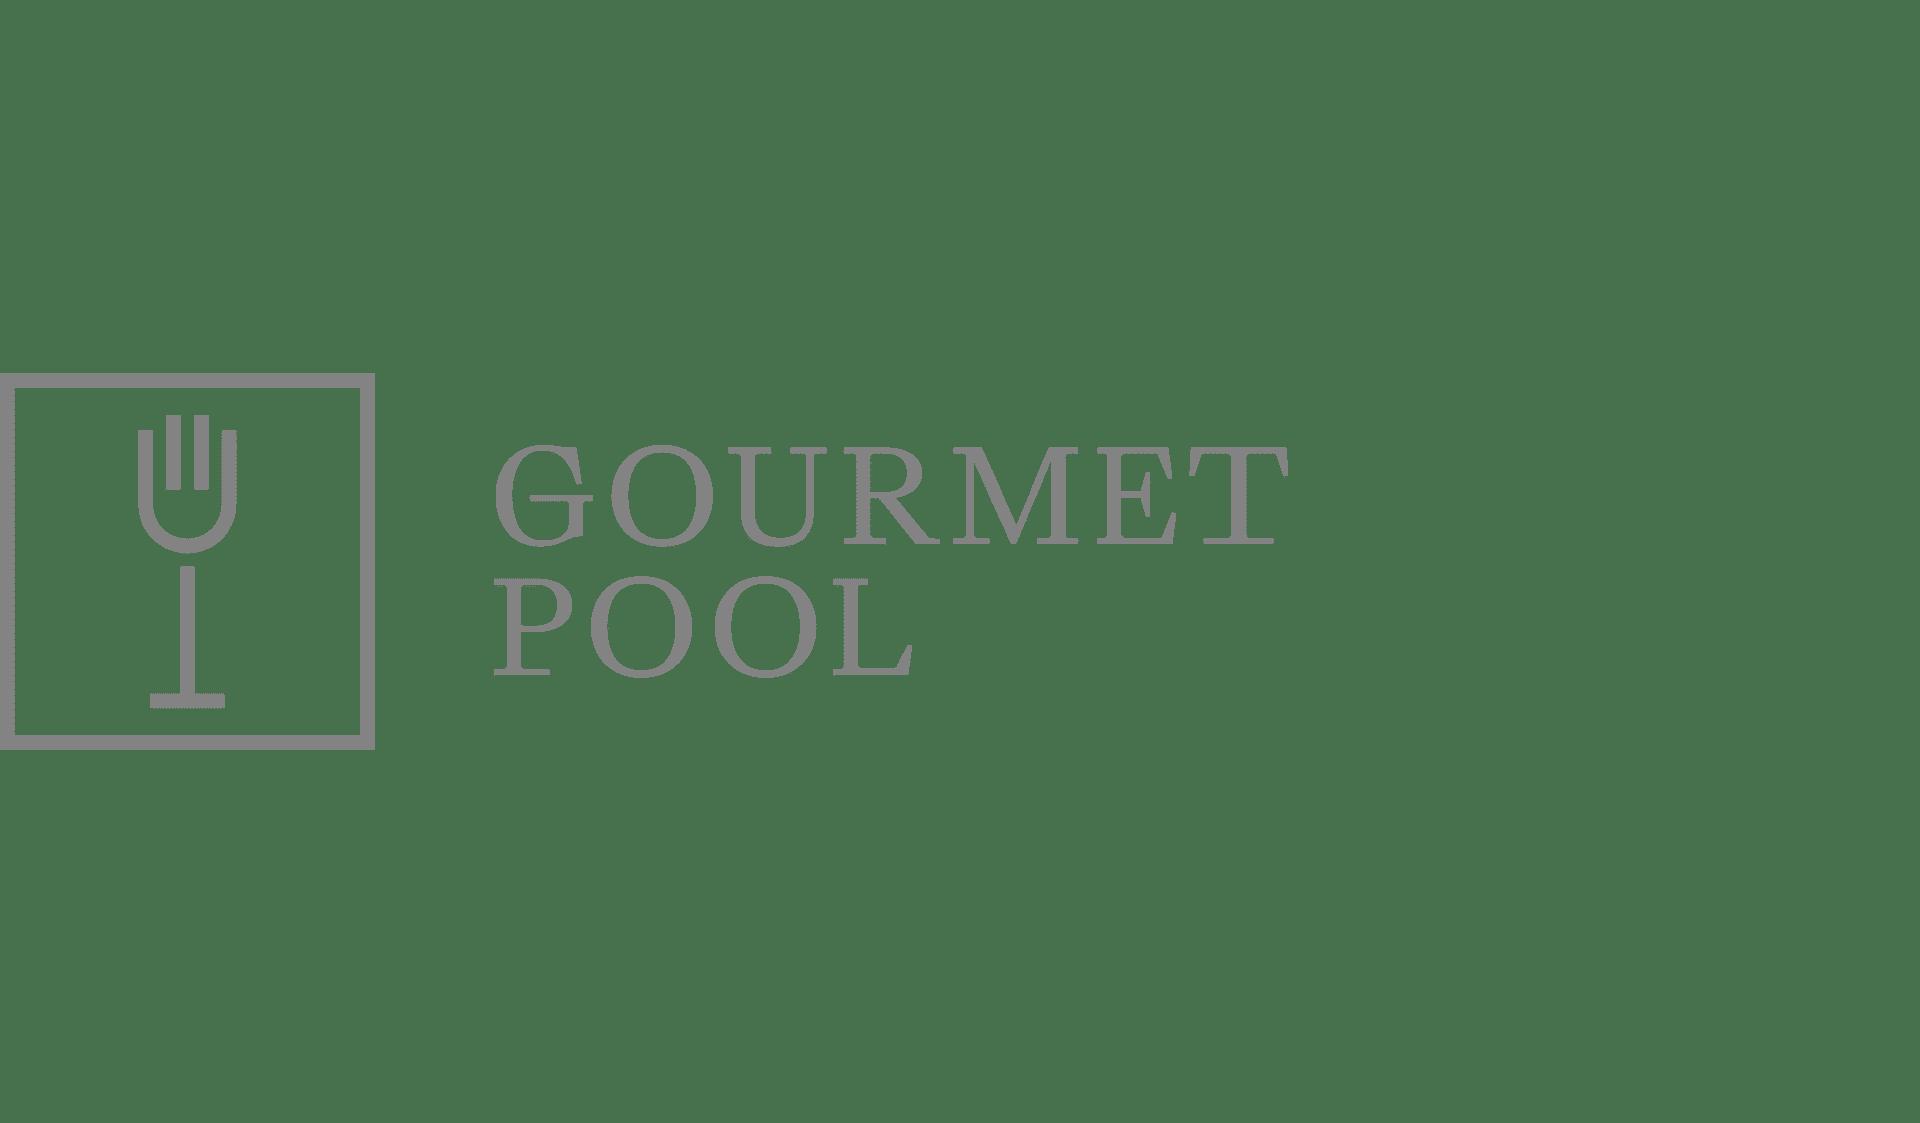 GourmetPool